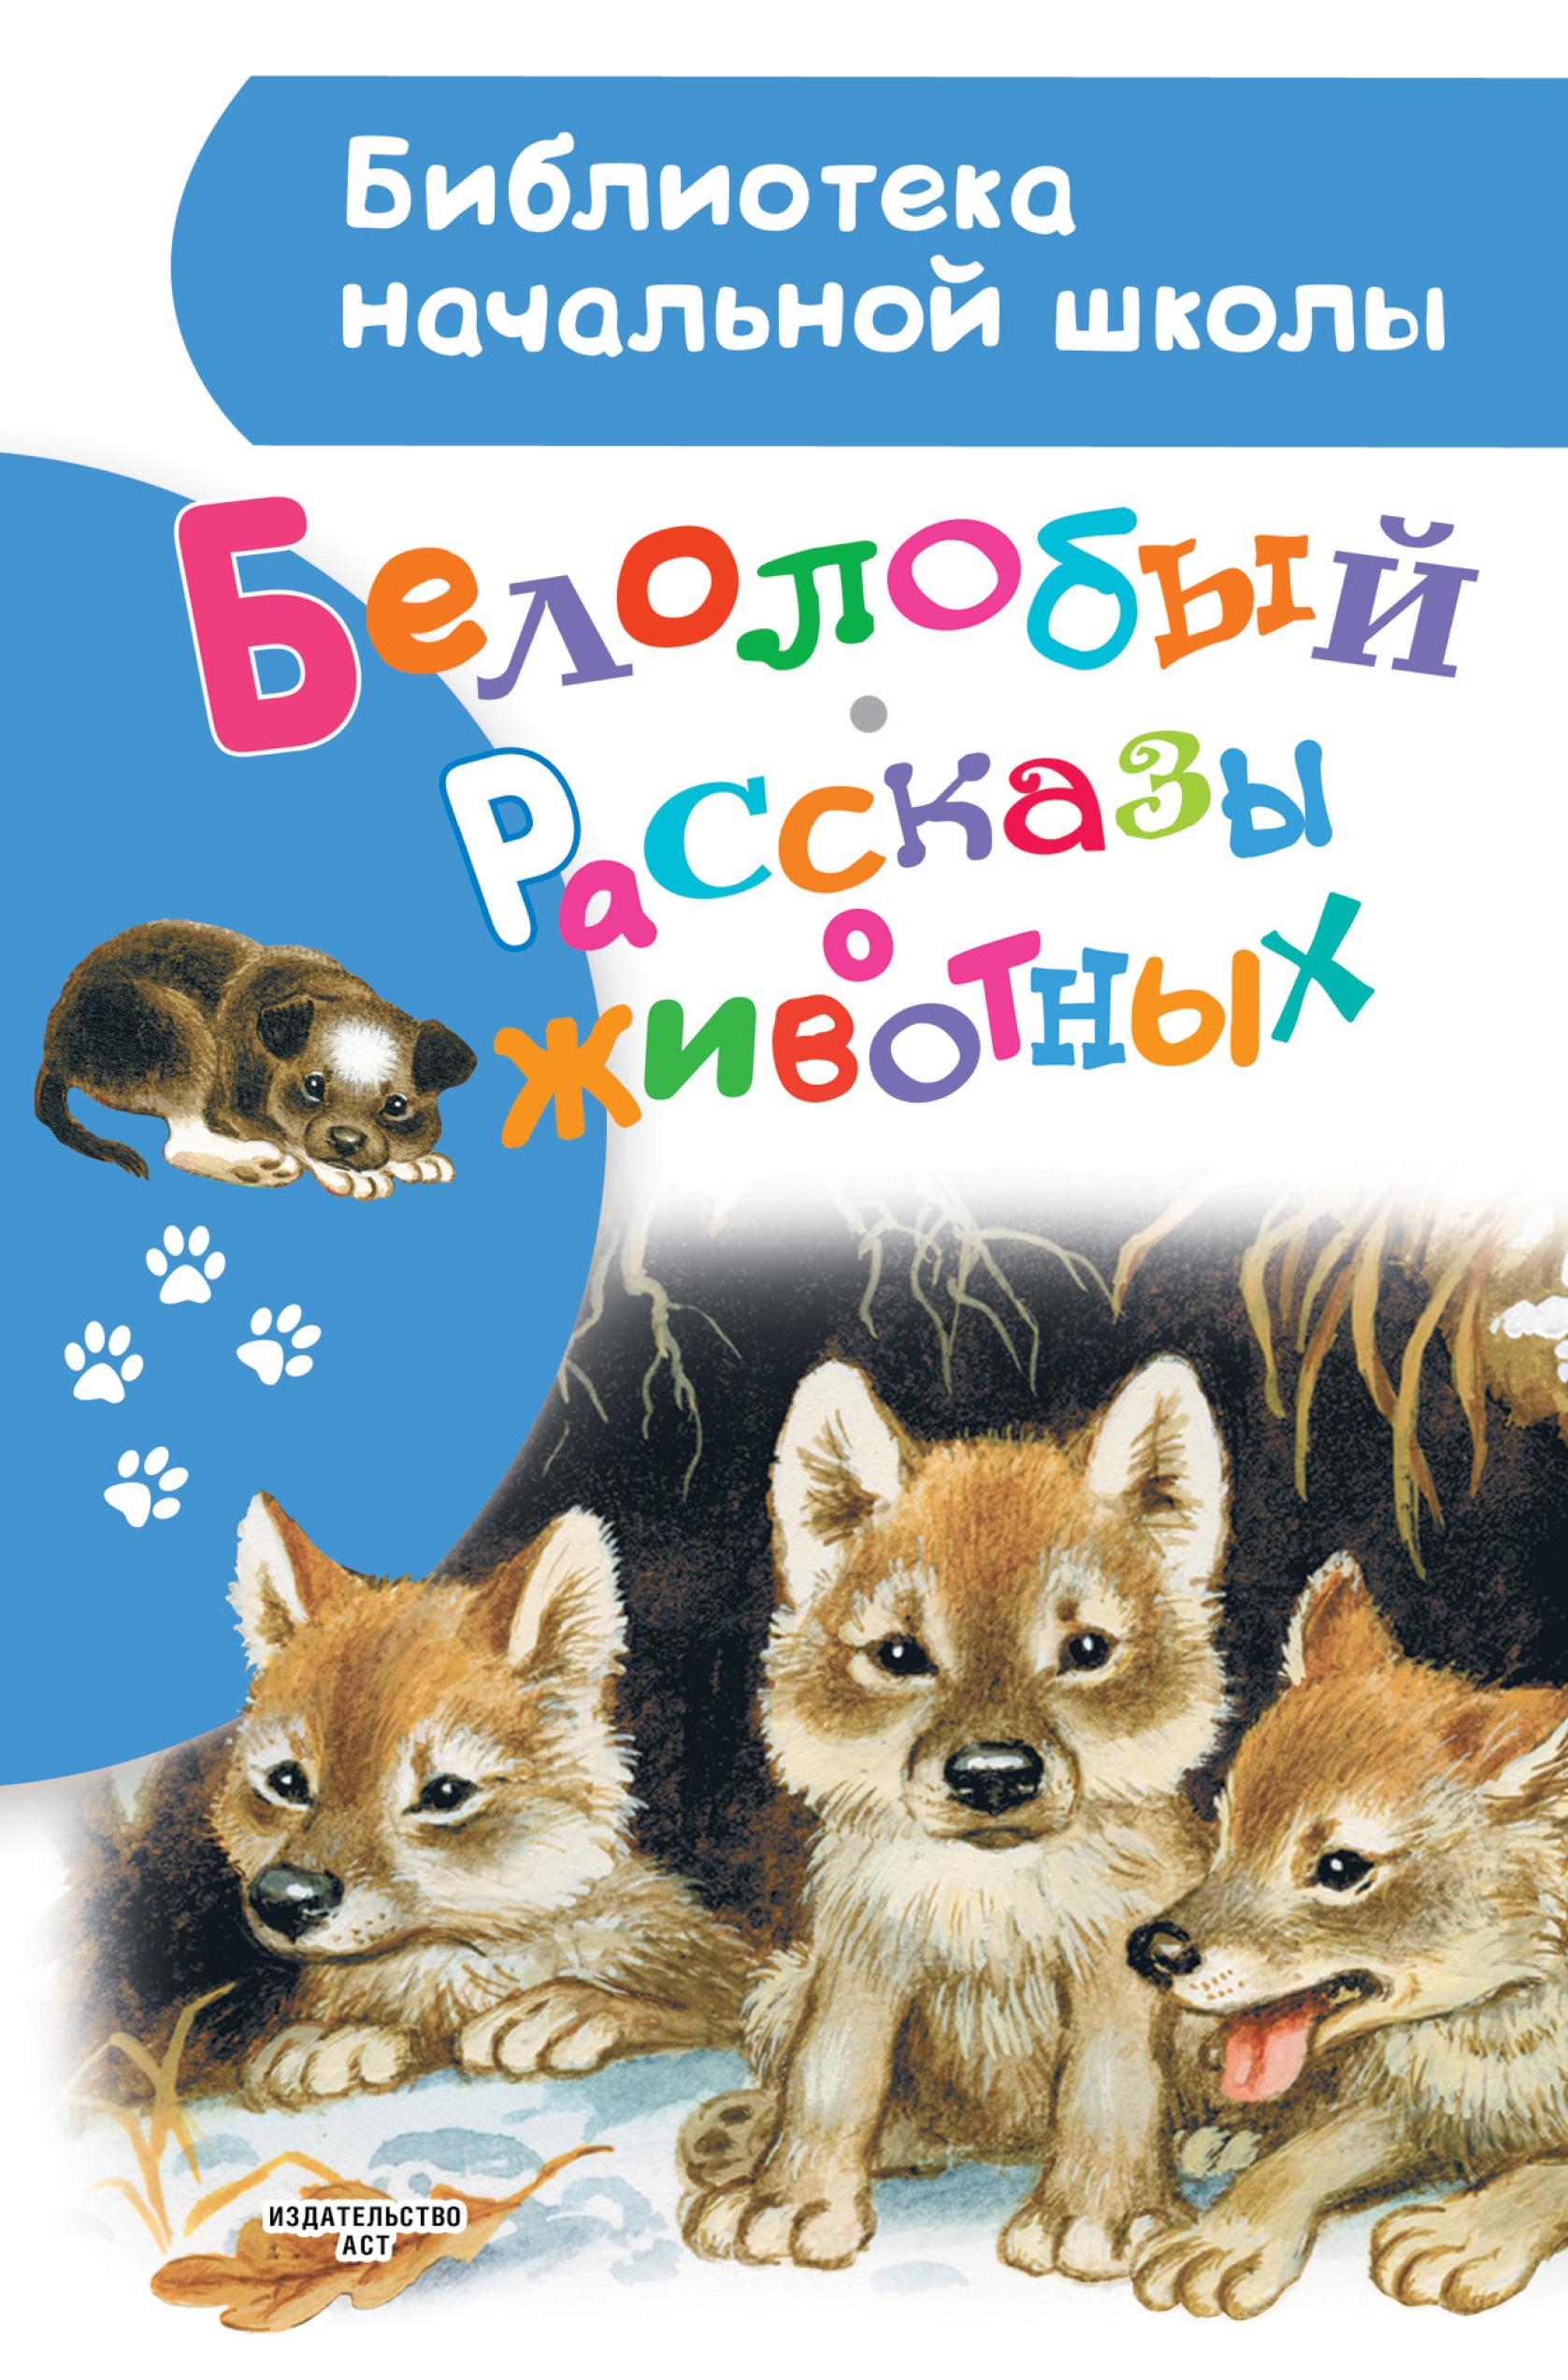 Коллектив авторов Белолобый. Рассказы о животных